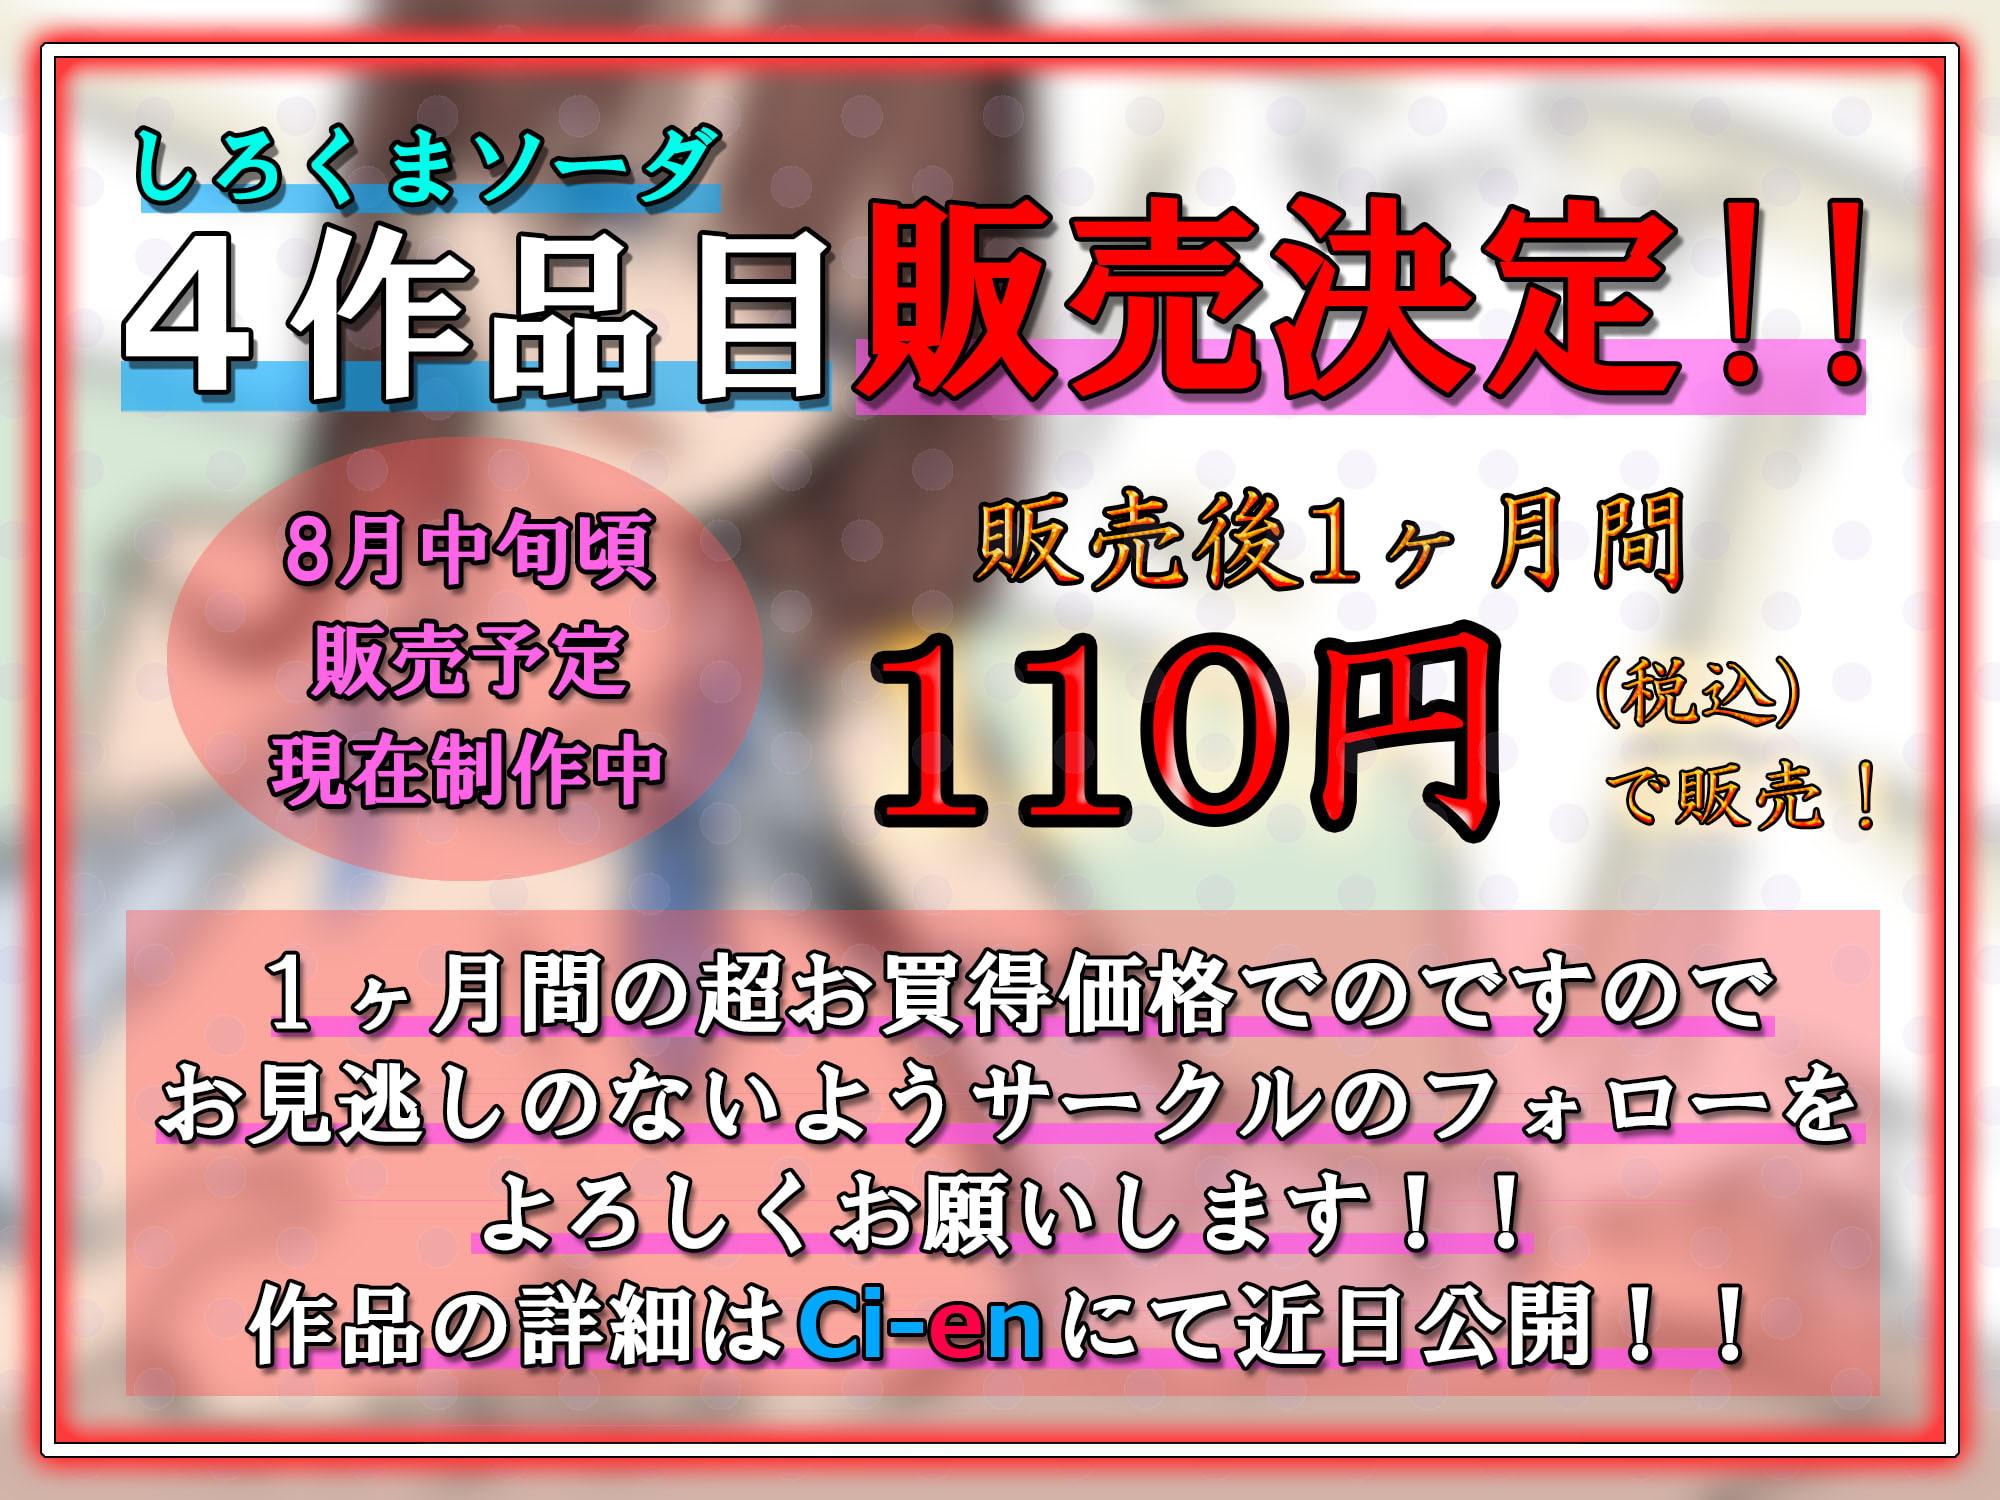 【販売後1ヶ月間110円!!!】幼馴染の巨乳JKがどうしても彼女になりたいというので~あまあま中出しセックス~